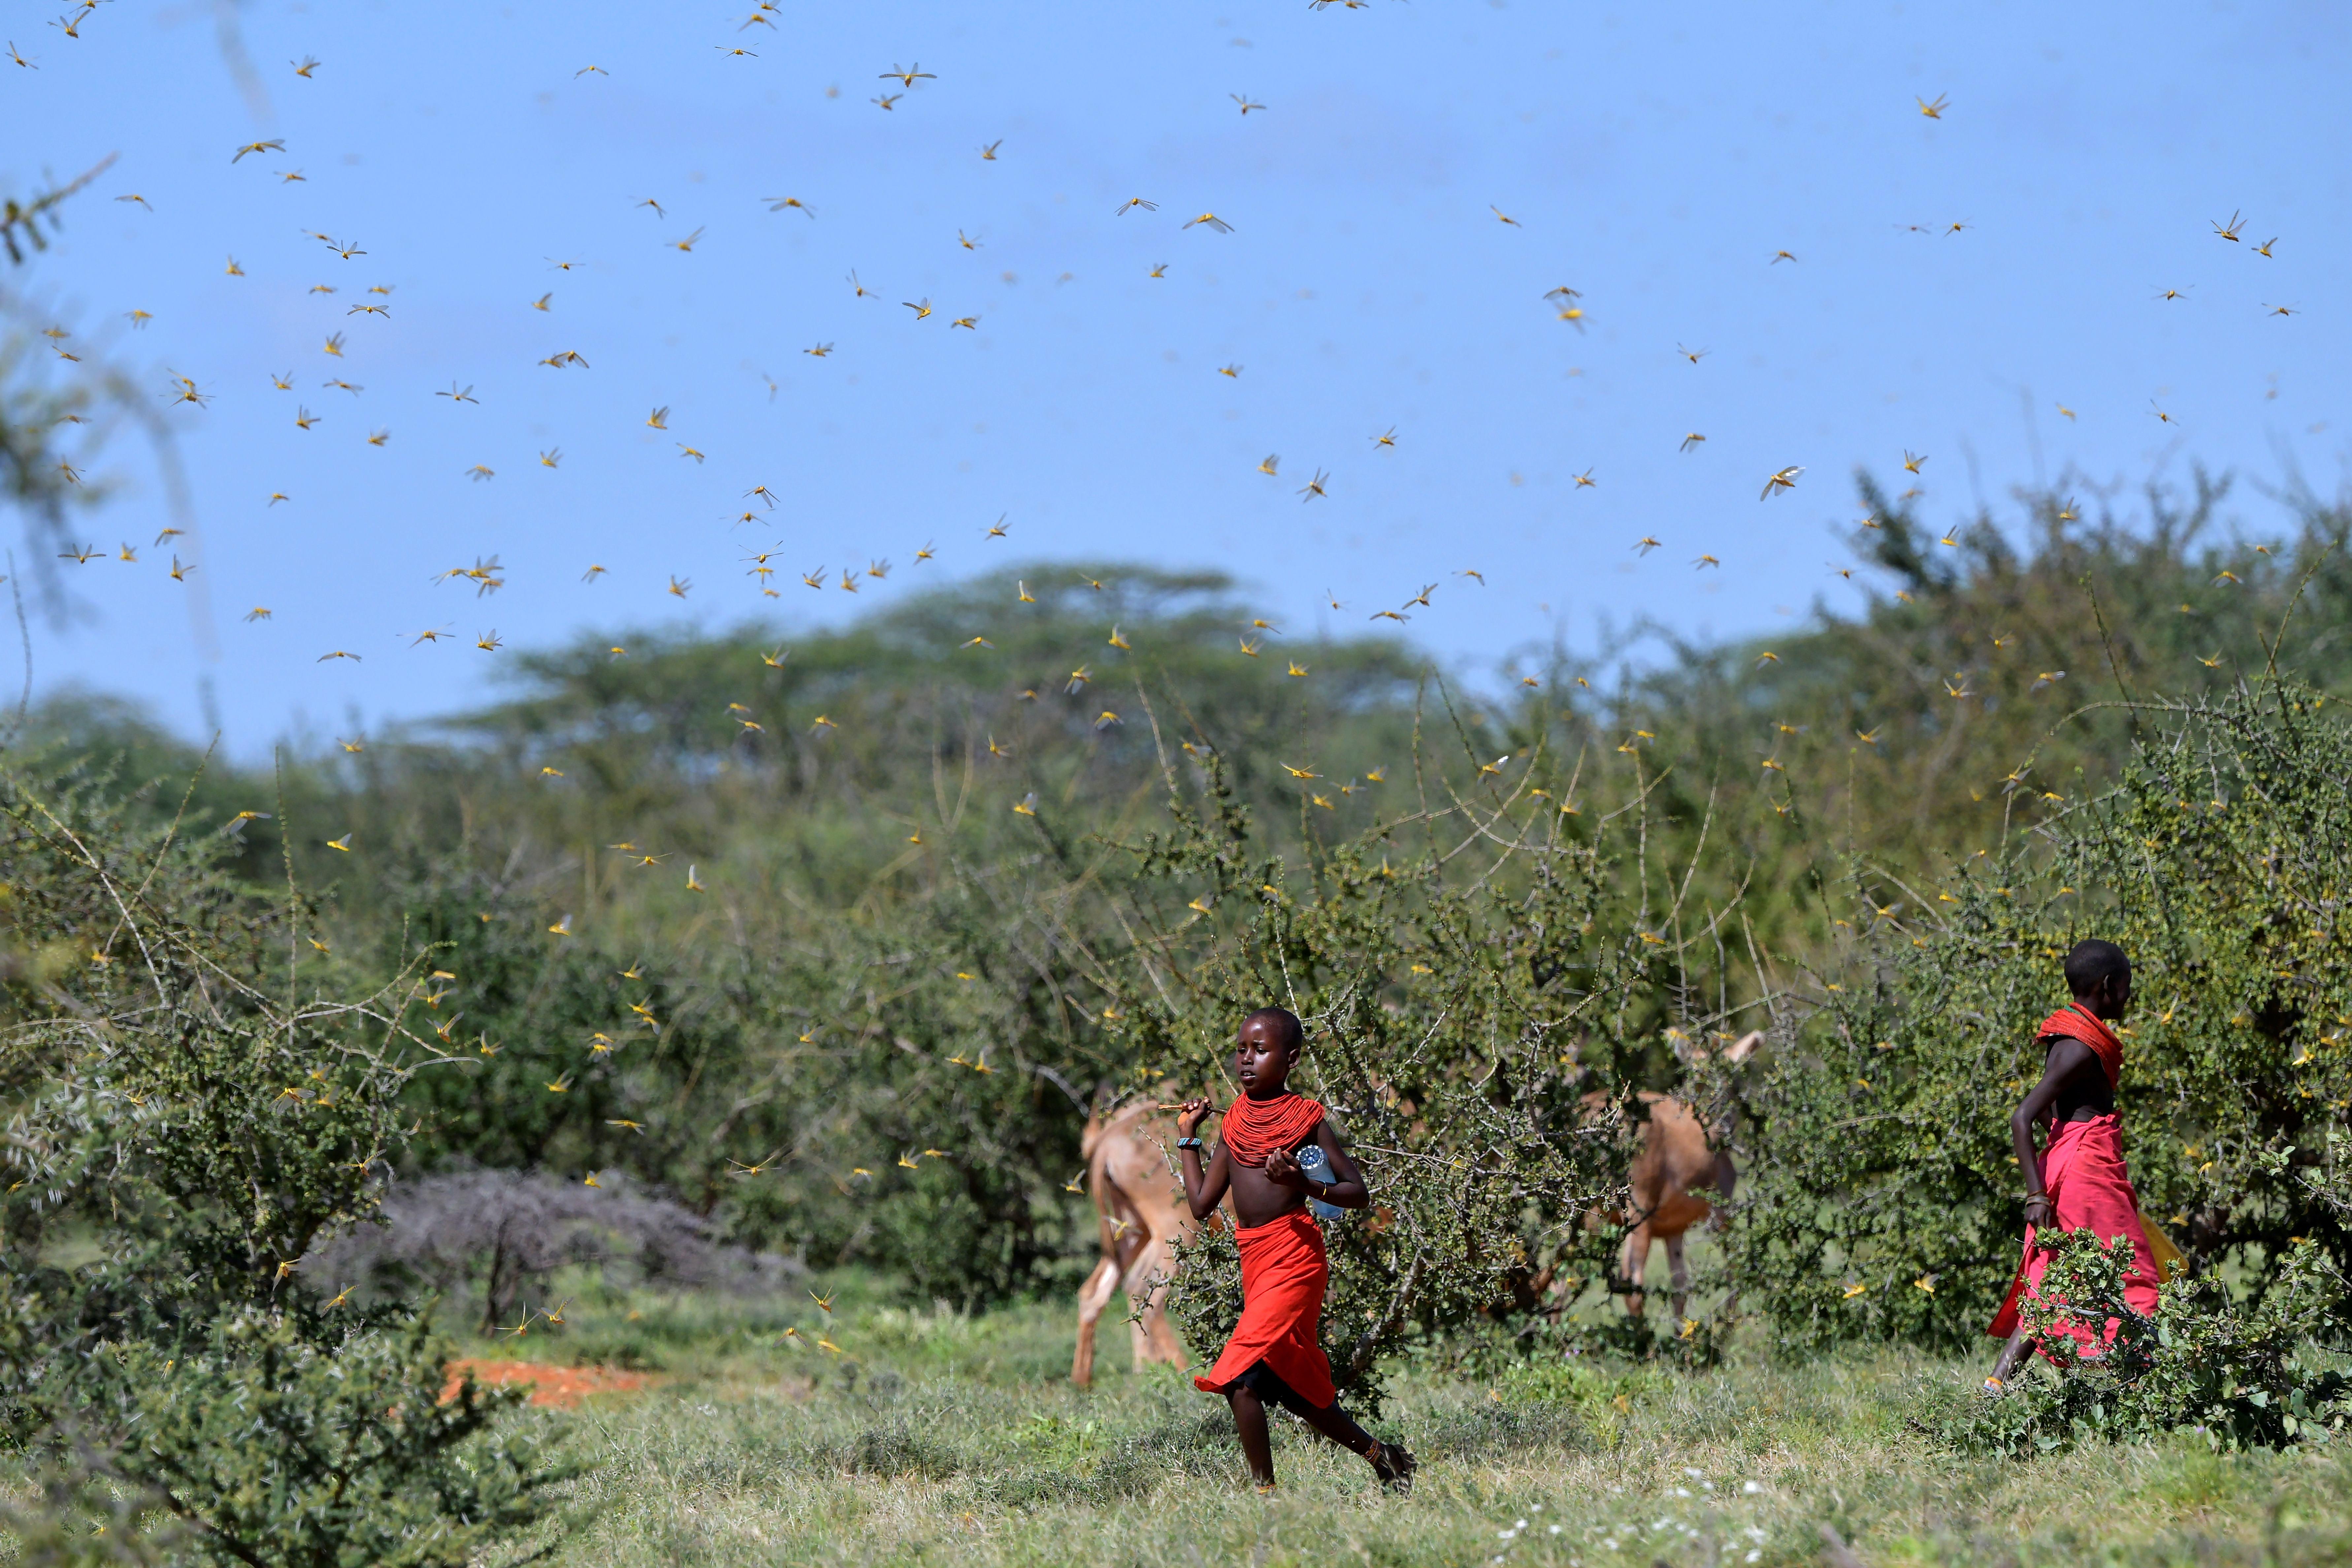 Nem sikerül megfékezni a Kelet-Afrikában pusztító sáskajárást